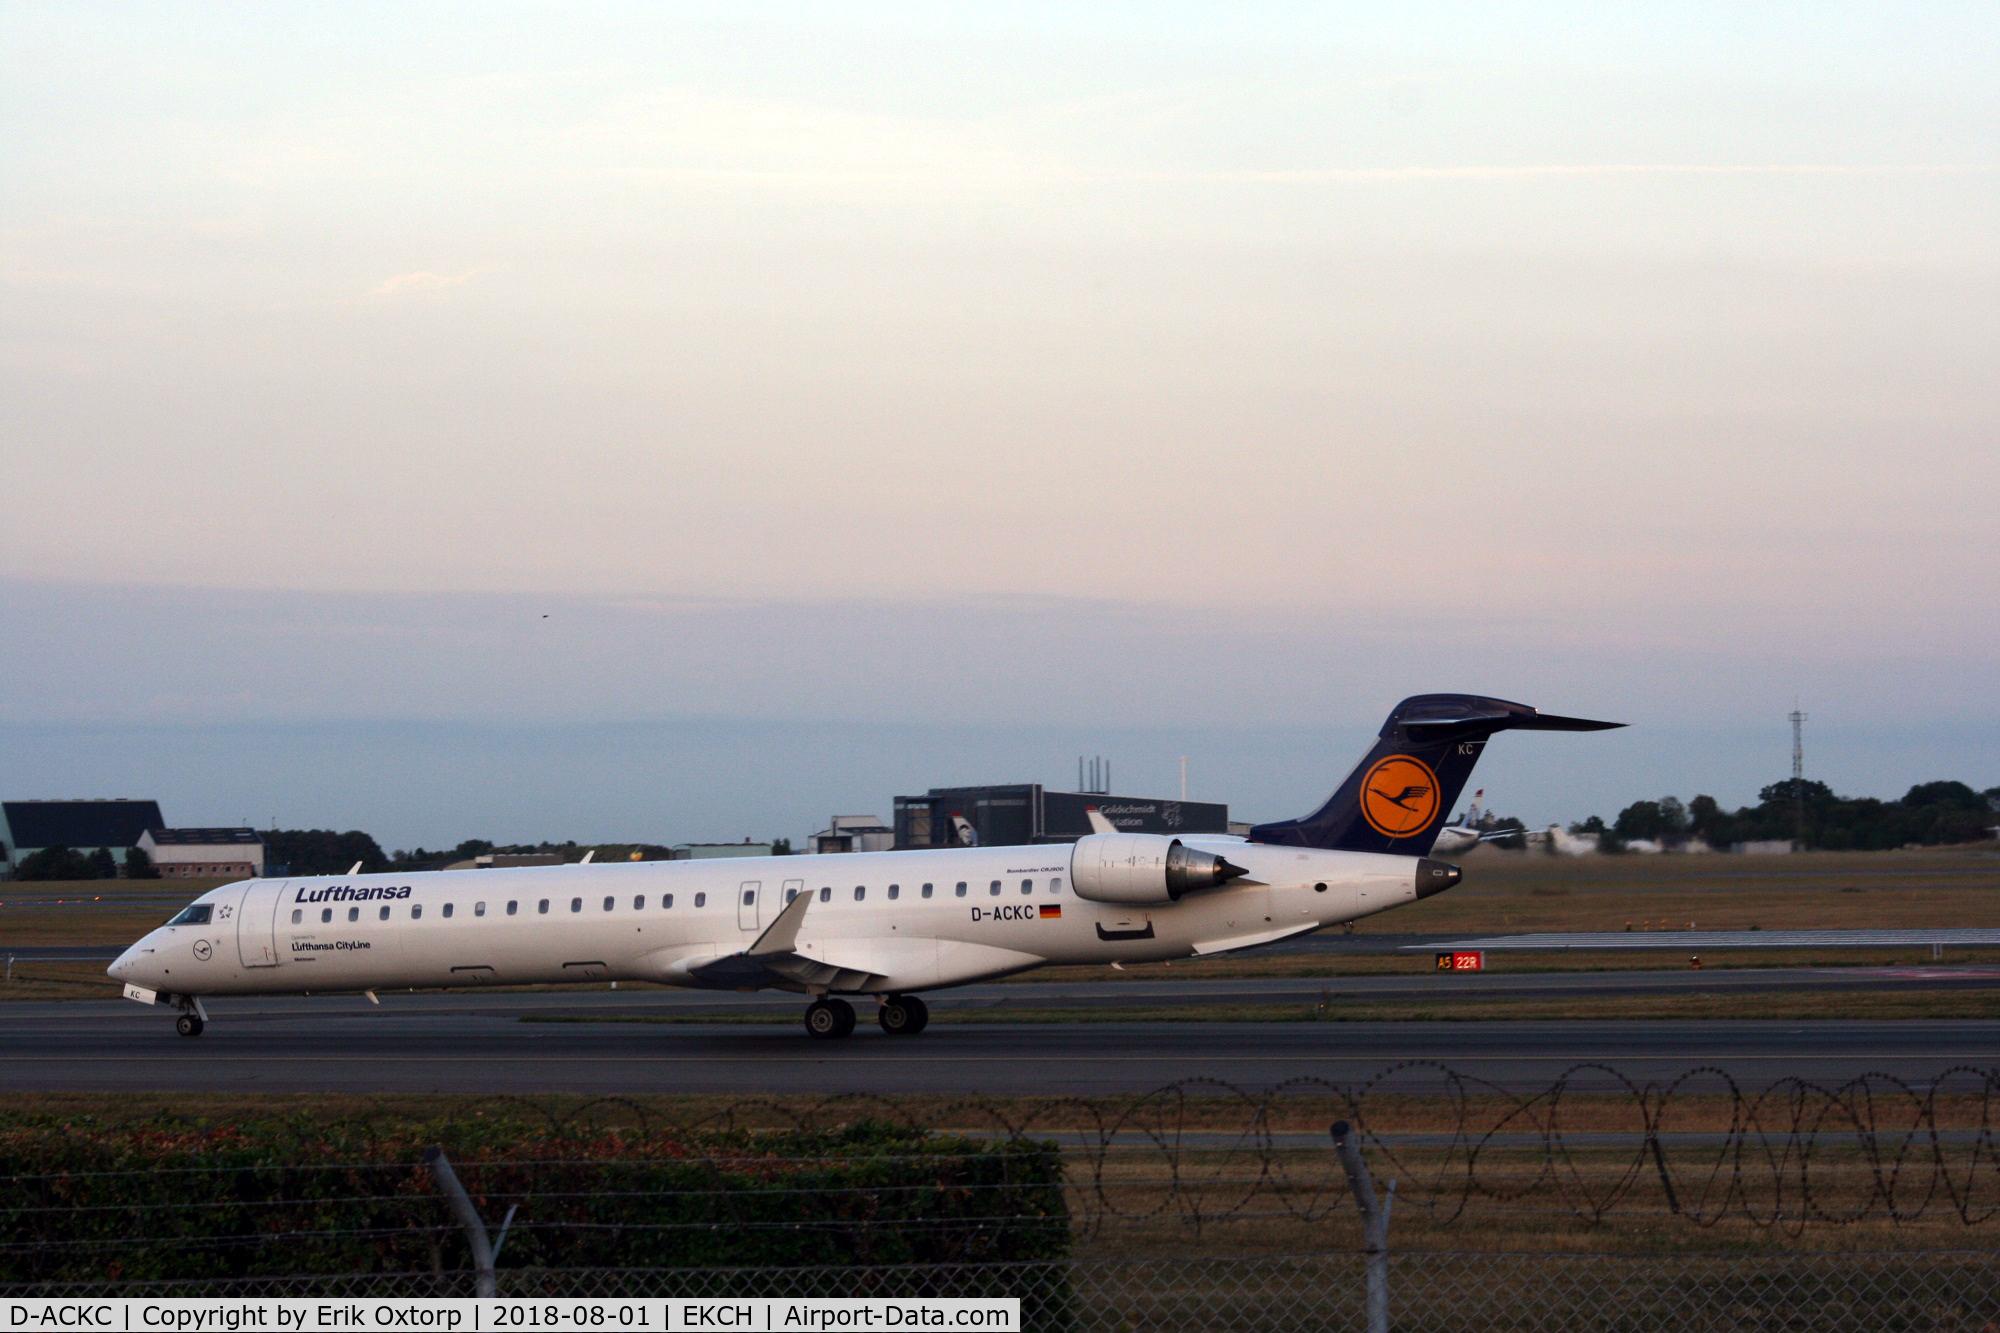 D-ACKC, 2006 Bombardier CRJ-900LR (CL-600-2D24) C/N 15078, D-ACKC landed rw 04L